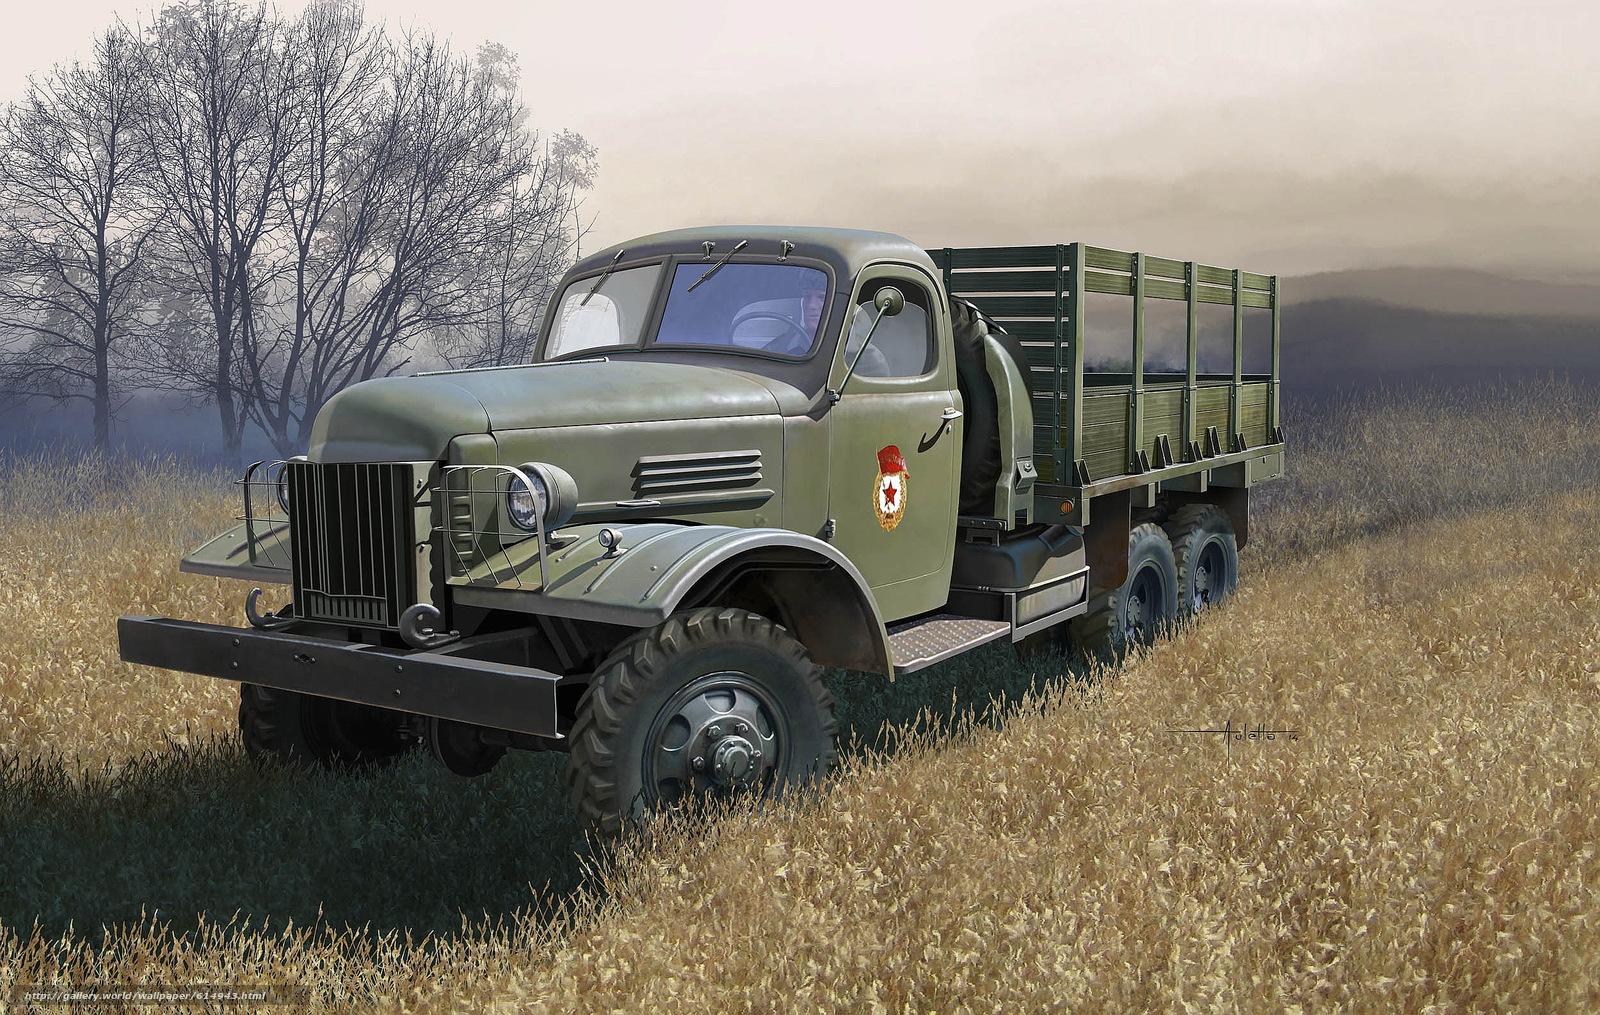 Скачать на телефон обои фото картинку на тему арт, Машина, Военный грузовик, СССР, ЗиС-151, разширение 2500x1586